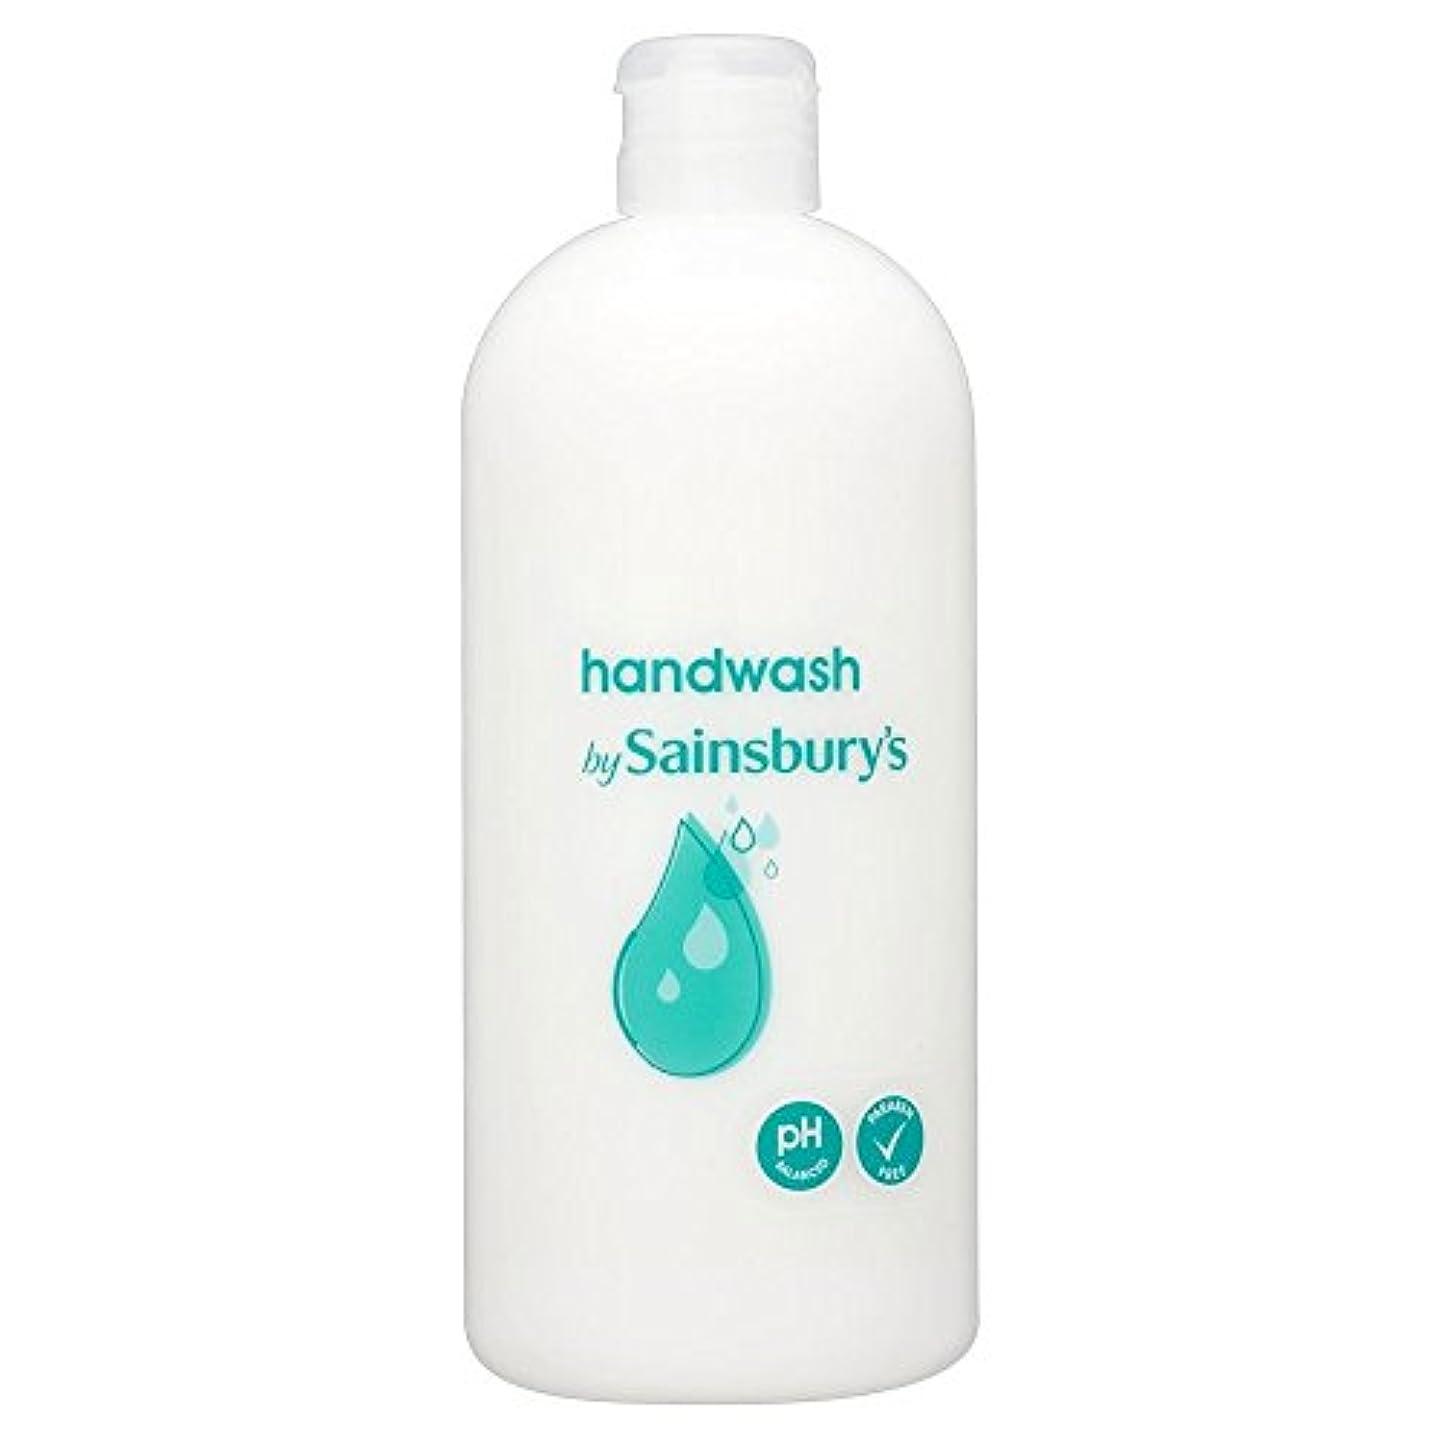 モンキーヨーロッパ擬人Sainsbury's Handwash, White Refill 500ml (Pack of 6) - (Sainsbury's) 手洗い、白リフィル500ミリリットル (x6) [並行輸入品]